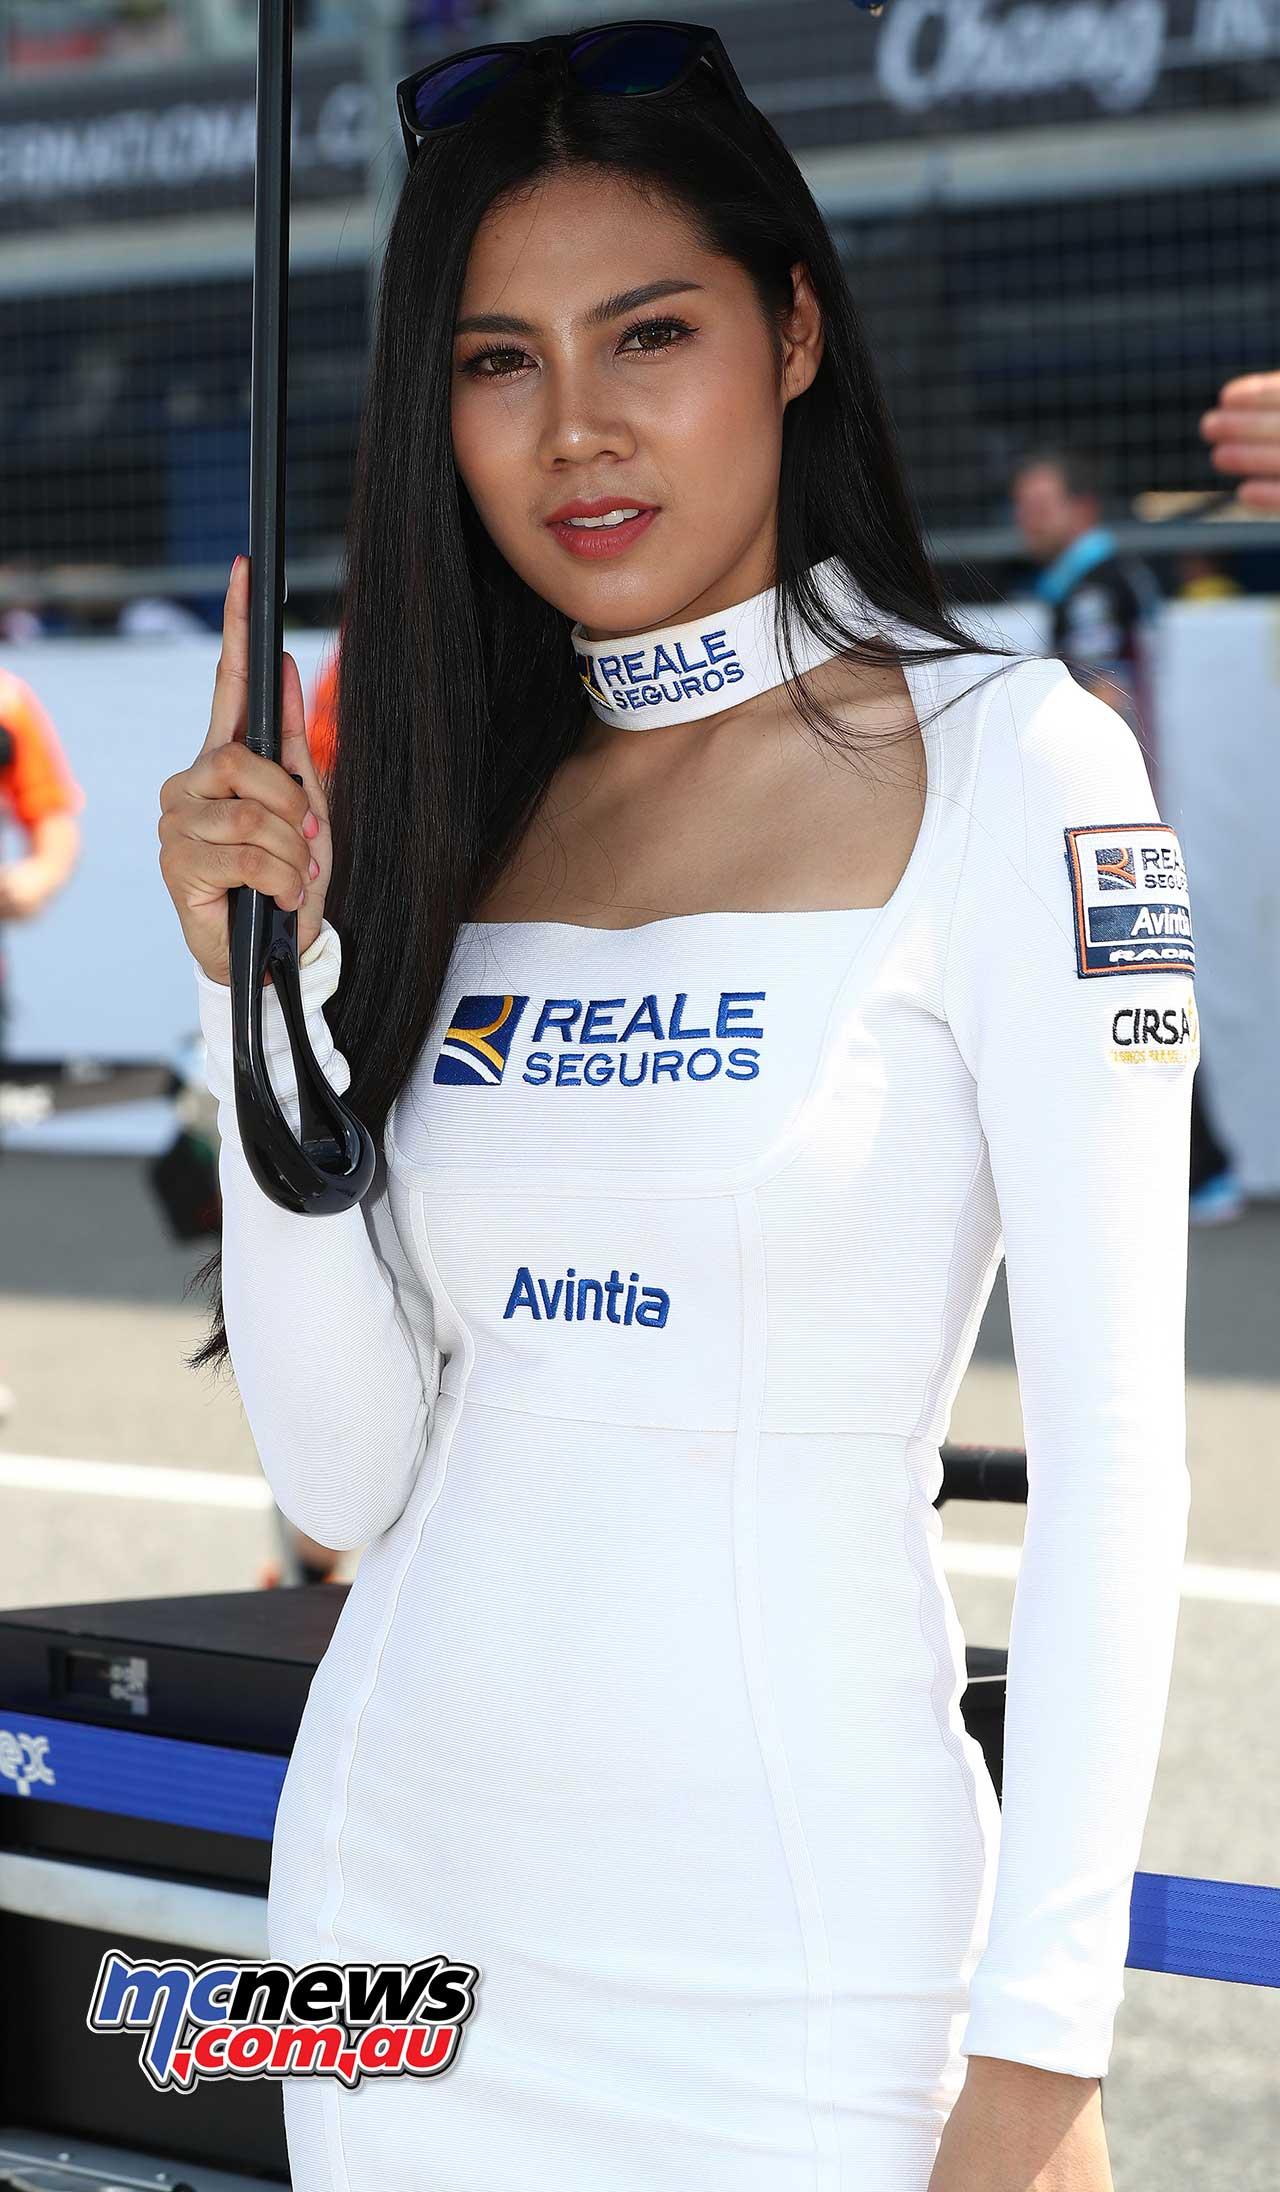 http://www.mcnews.com.au/wp-content/uploads/2018/10/2018-MotoGP-Rnd15-Thailand-Girl_18GP15_4356_AN.jpg